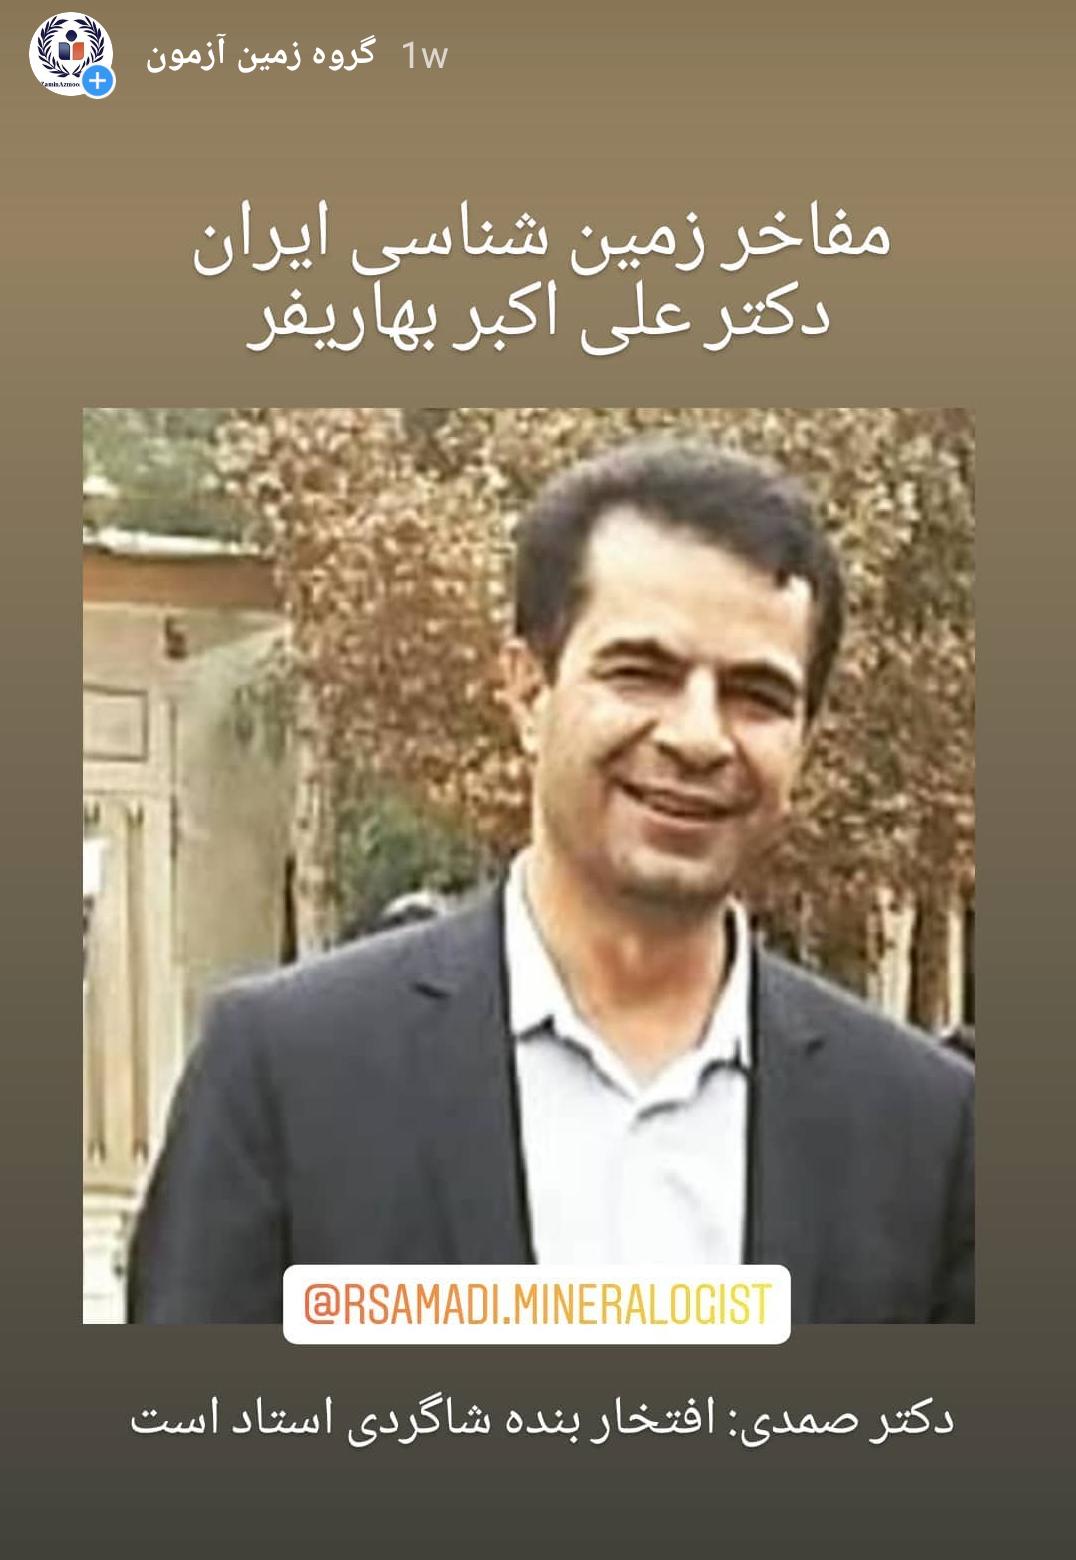 دکتر علی اکبر بهاری فر